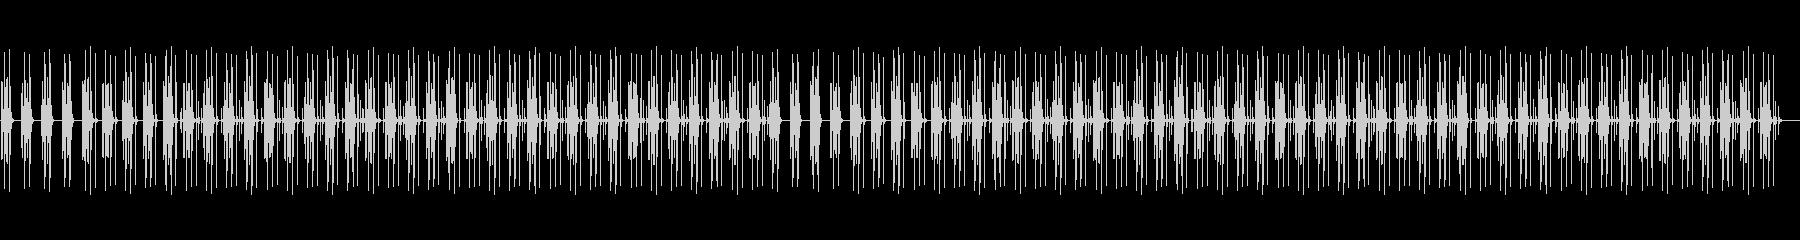 シンキングタイム、なぞなぞ、クイズの未再生の波形